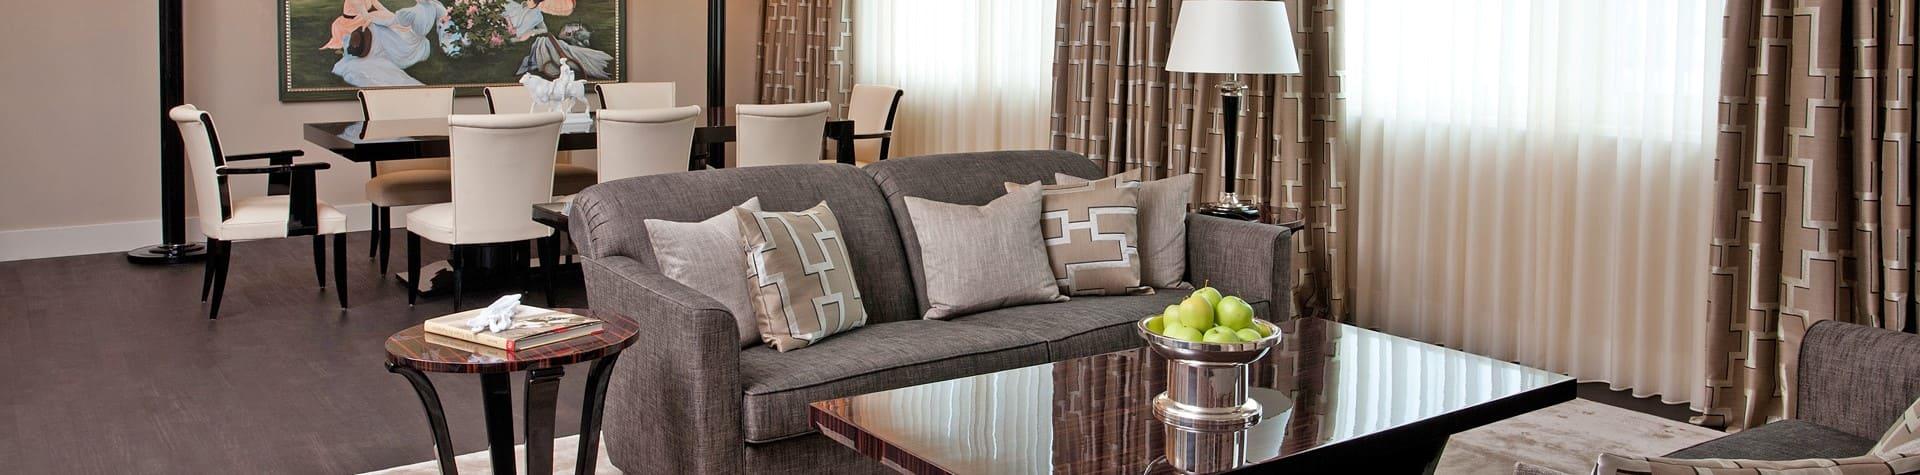 Wohnzimmer Inspiration Art Deco